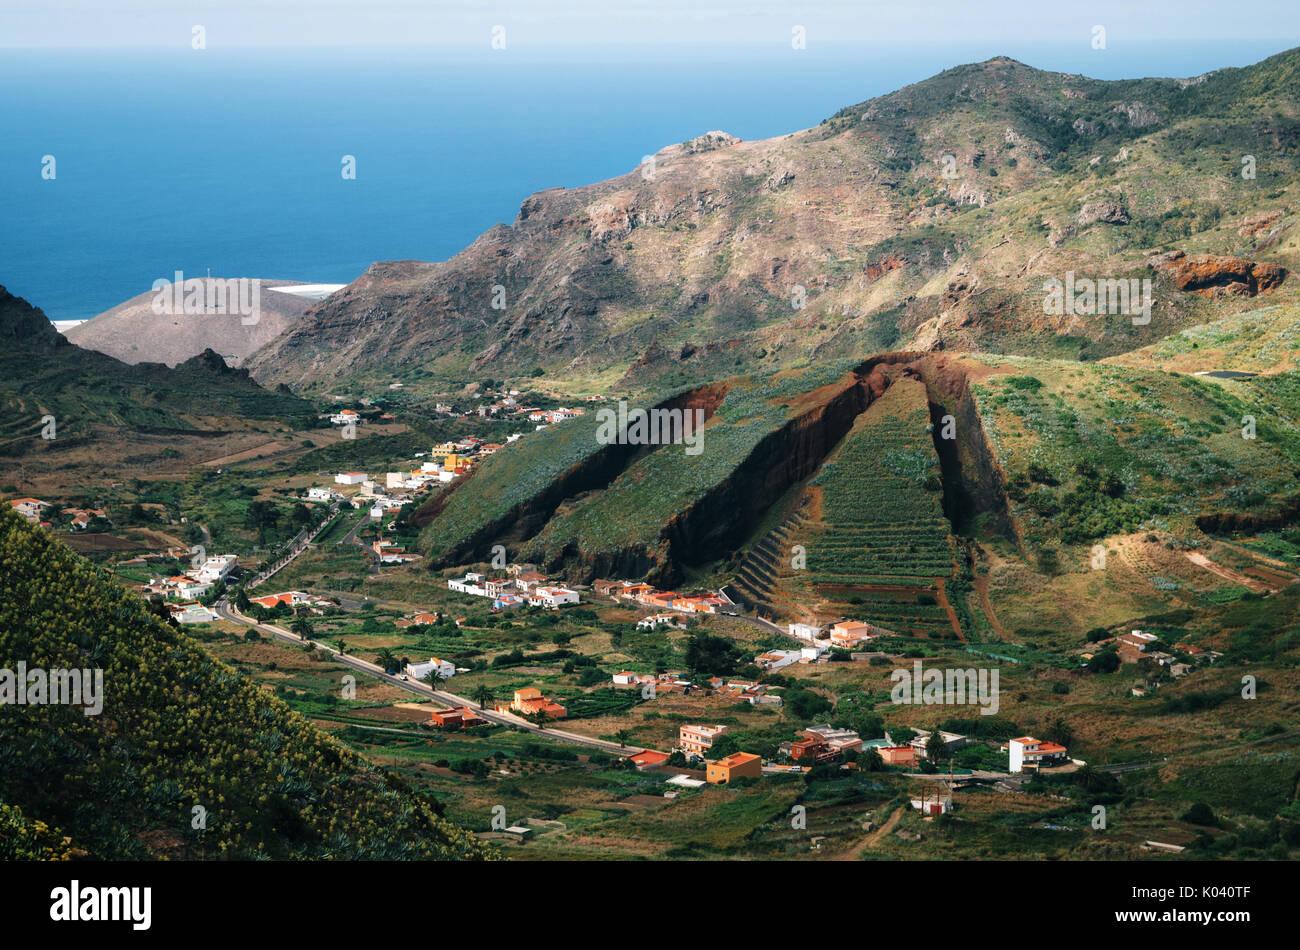 Tal von El Palmar und Las Lagunetas im Teno Gebirge mit dem Berg wie eine Torte in Scheiben geschnitten. Wahrzeichen von Teneriffa, Kanarische Inseln Stockbild